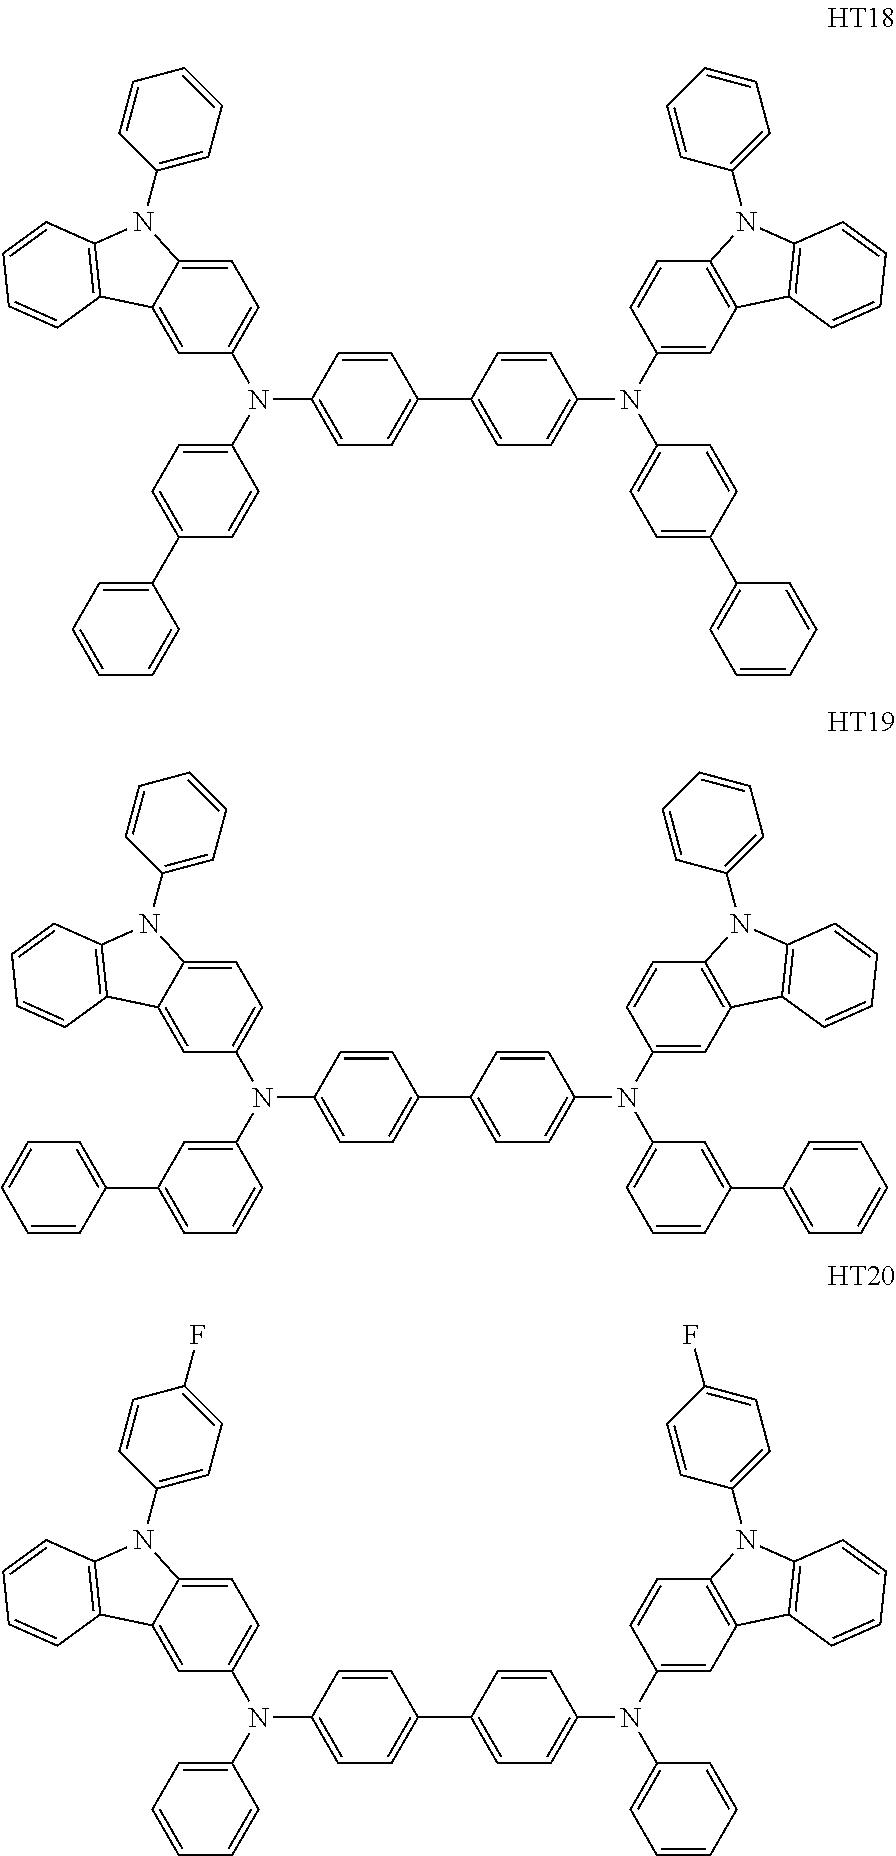 Figure US20160155962A1-20160602-C00225